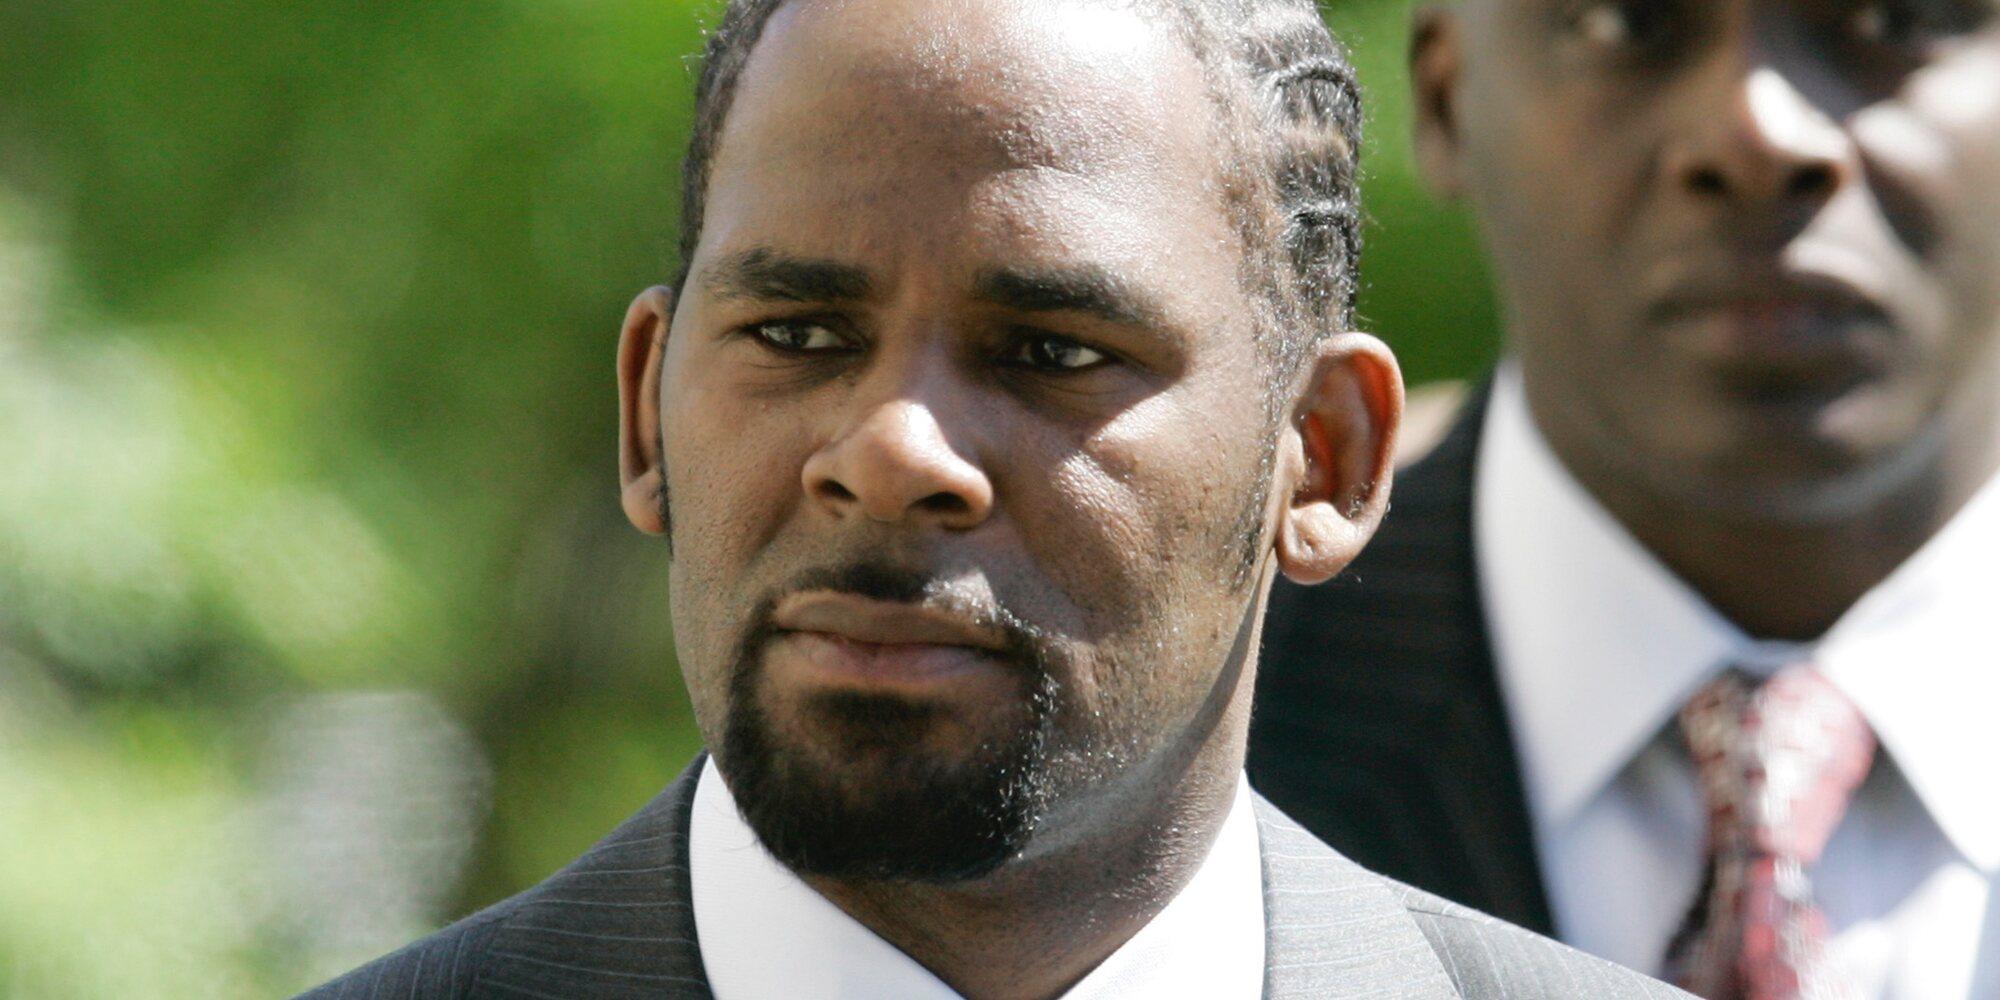 El rapero R. Kelly, condenado a cadena perpetua por abuso y tráfico sexual a mujeres y niñas